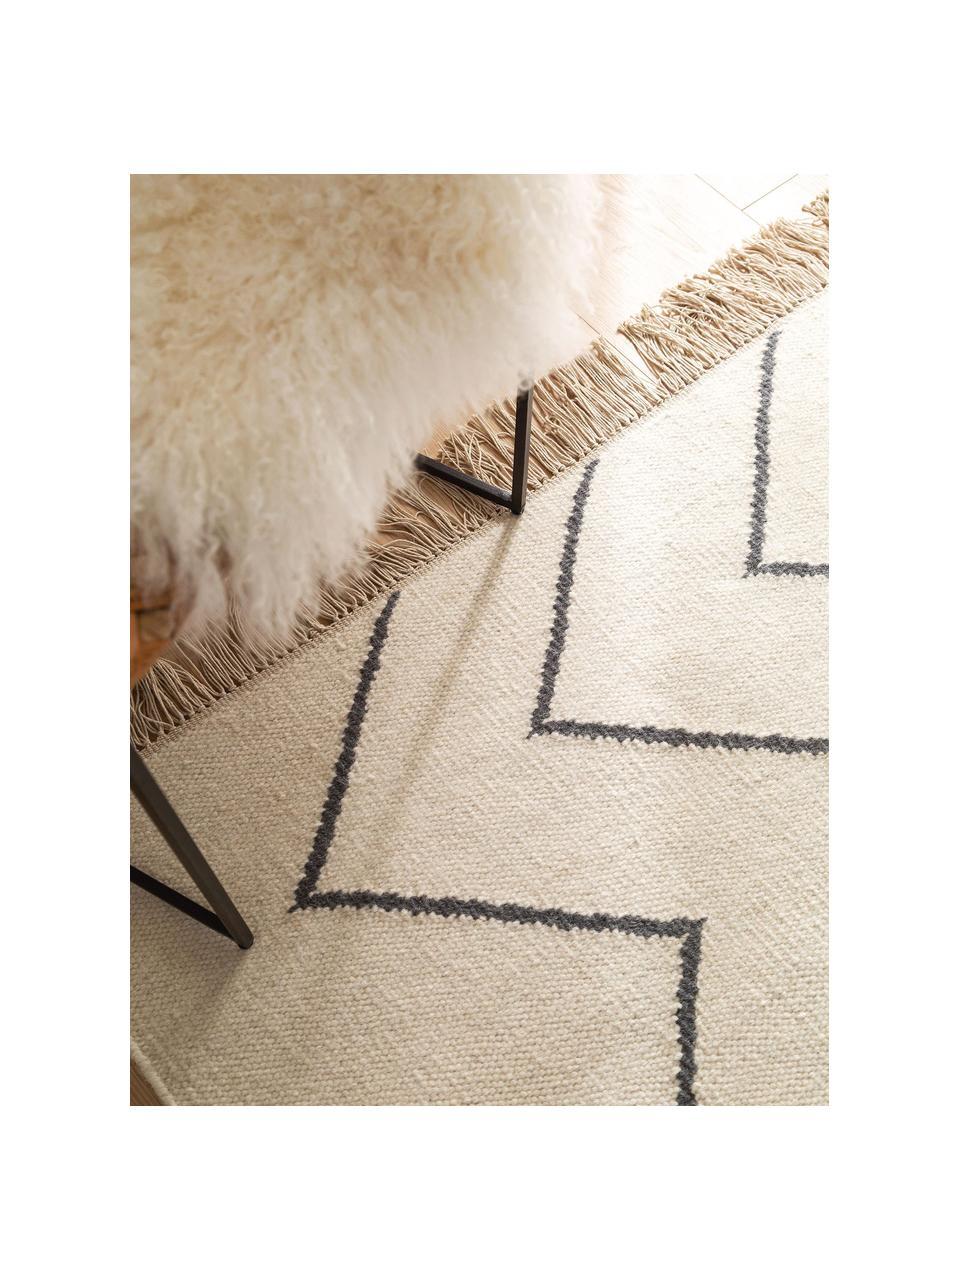 Tappeto kilim tessuto a mano con motivo a zigzag e frange Vince, 90% lana, 10% cotone Nel caso dei tappeti di lana, le fibre possono staccarsi nelle prime settimane di utilizzo, questo e la formazione di lanugine si riducono con l'uso quotidiano, Color avorio, grigio scuro, Larg. 160 x Lung. 230 cm (taglia M)